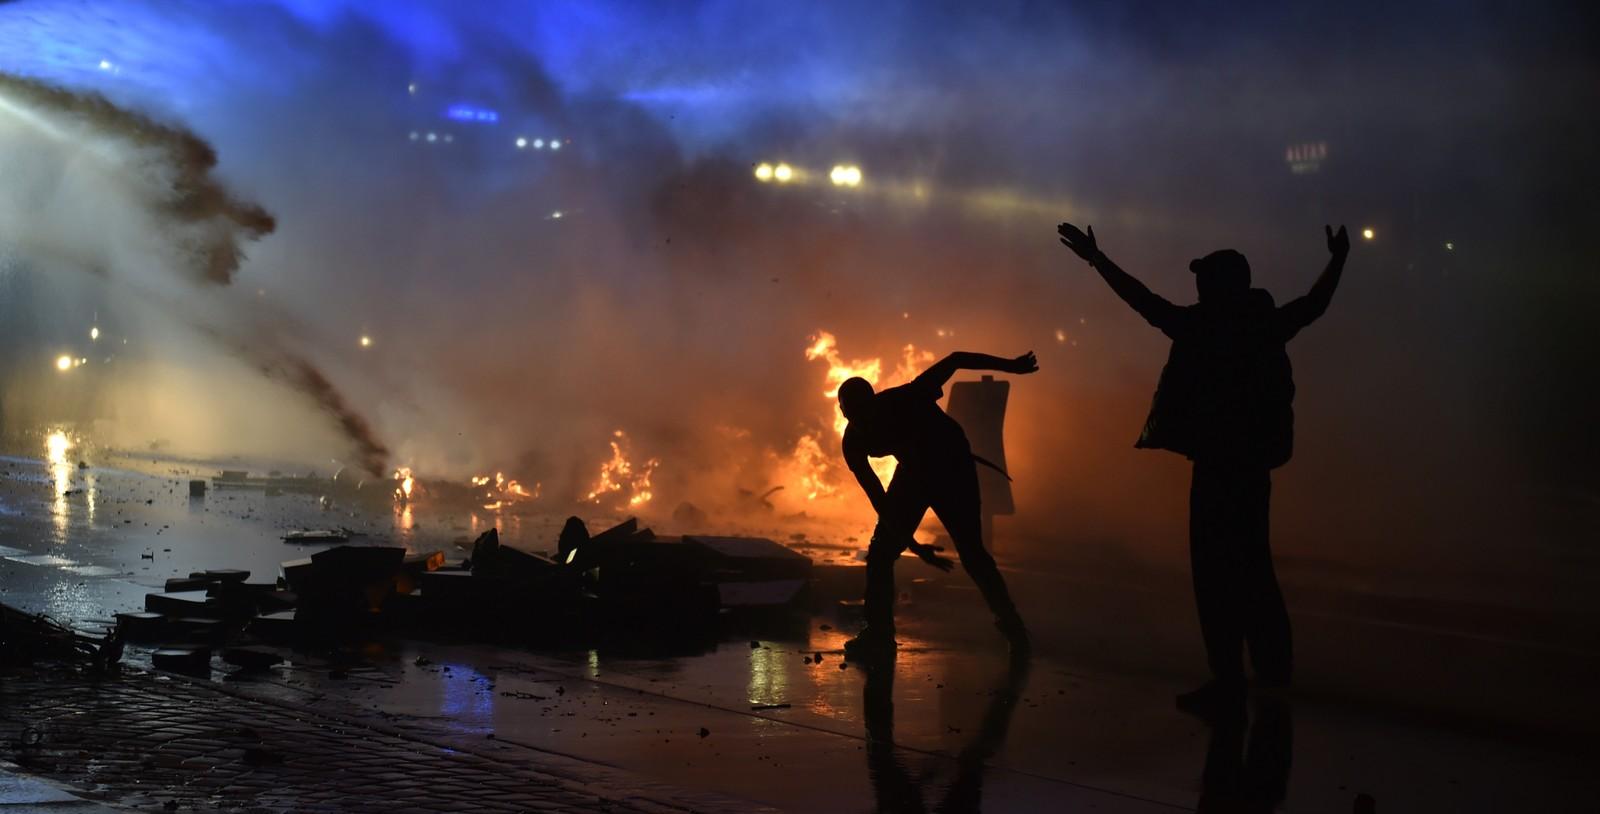 Opprørspoliti brukte vannkanon mot demonstranter.